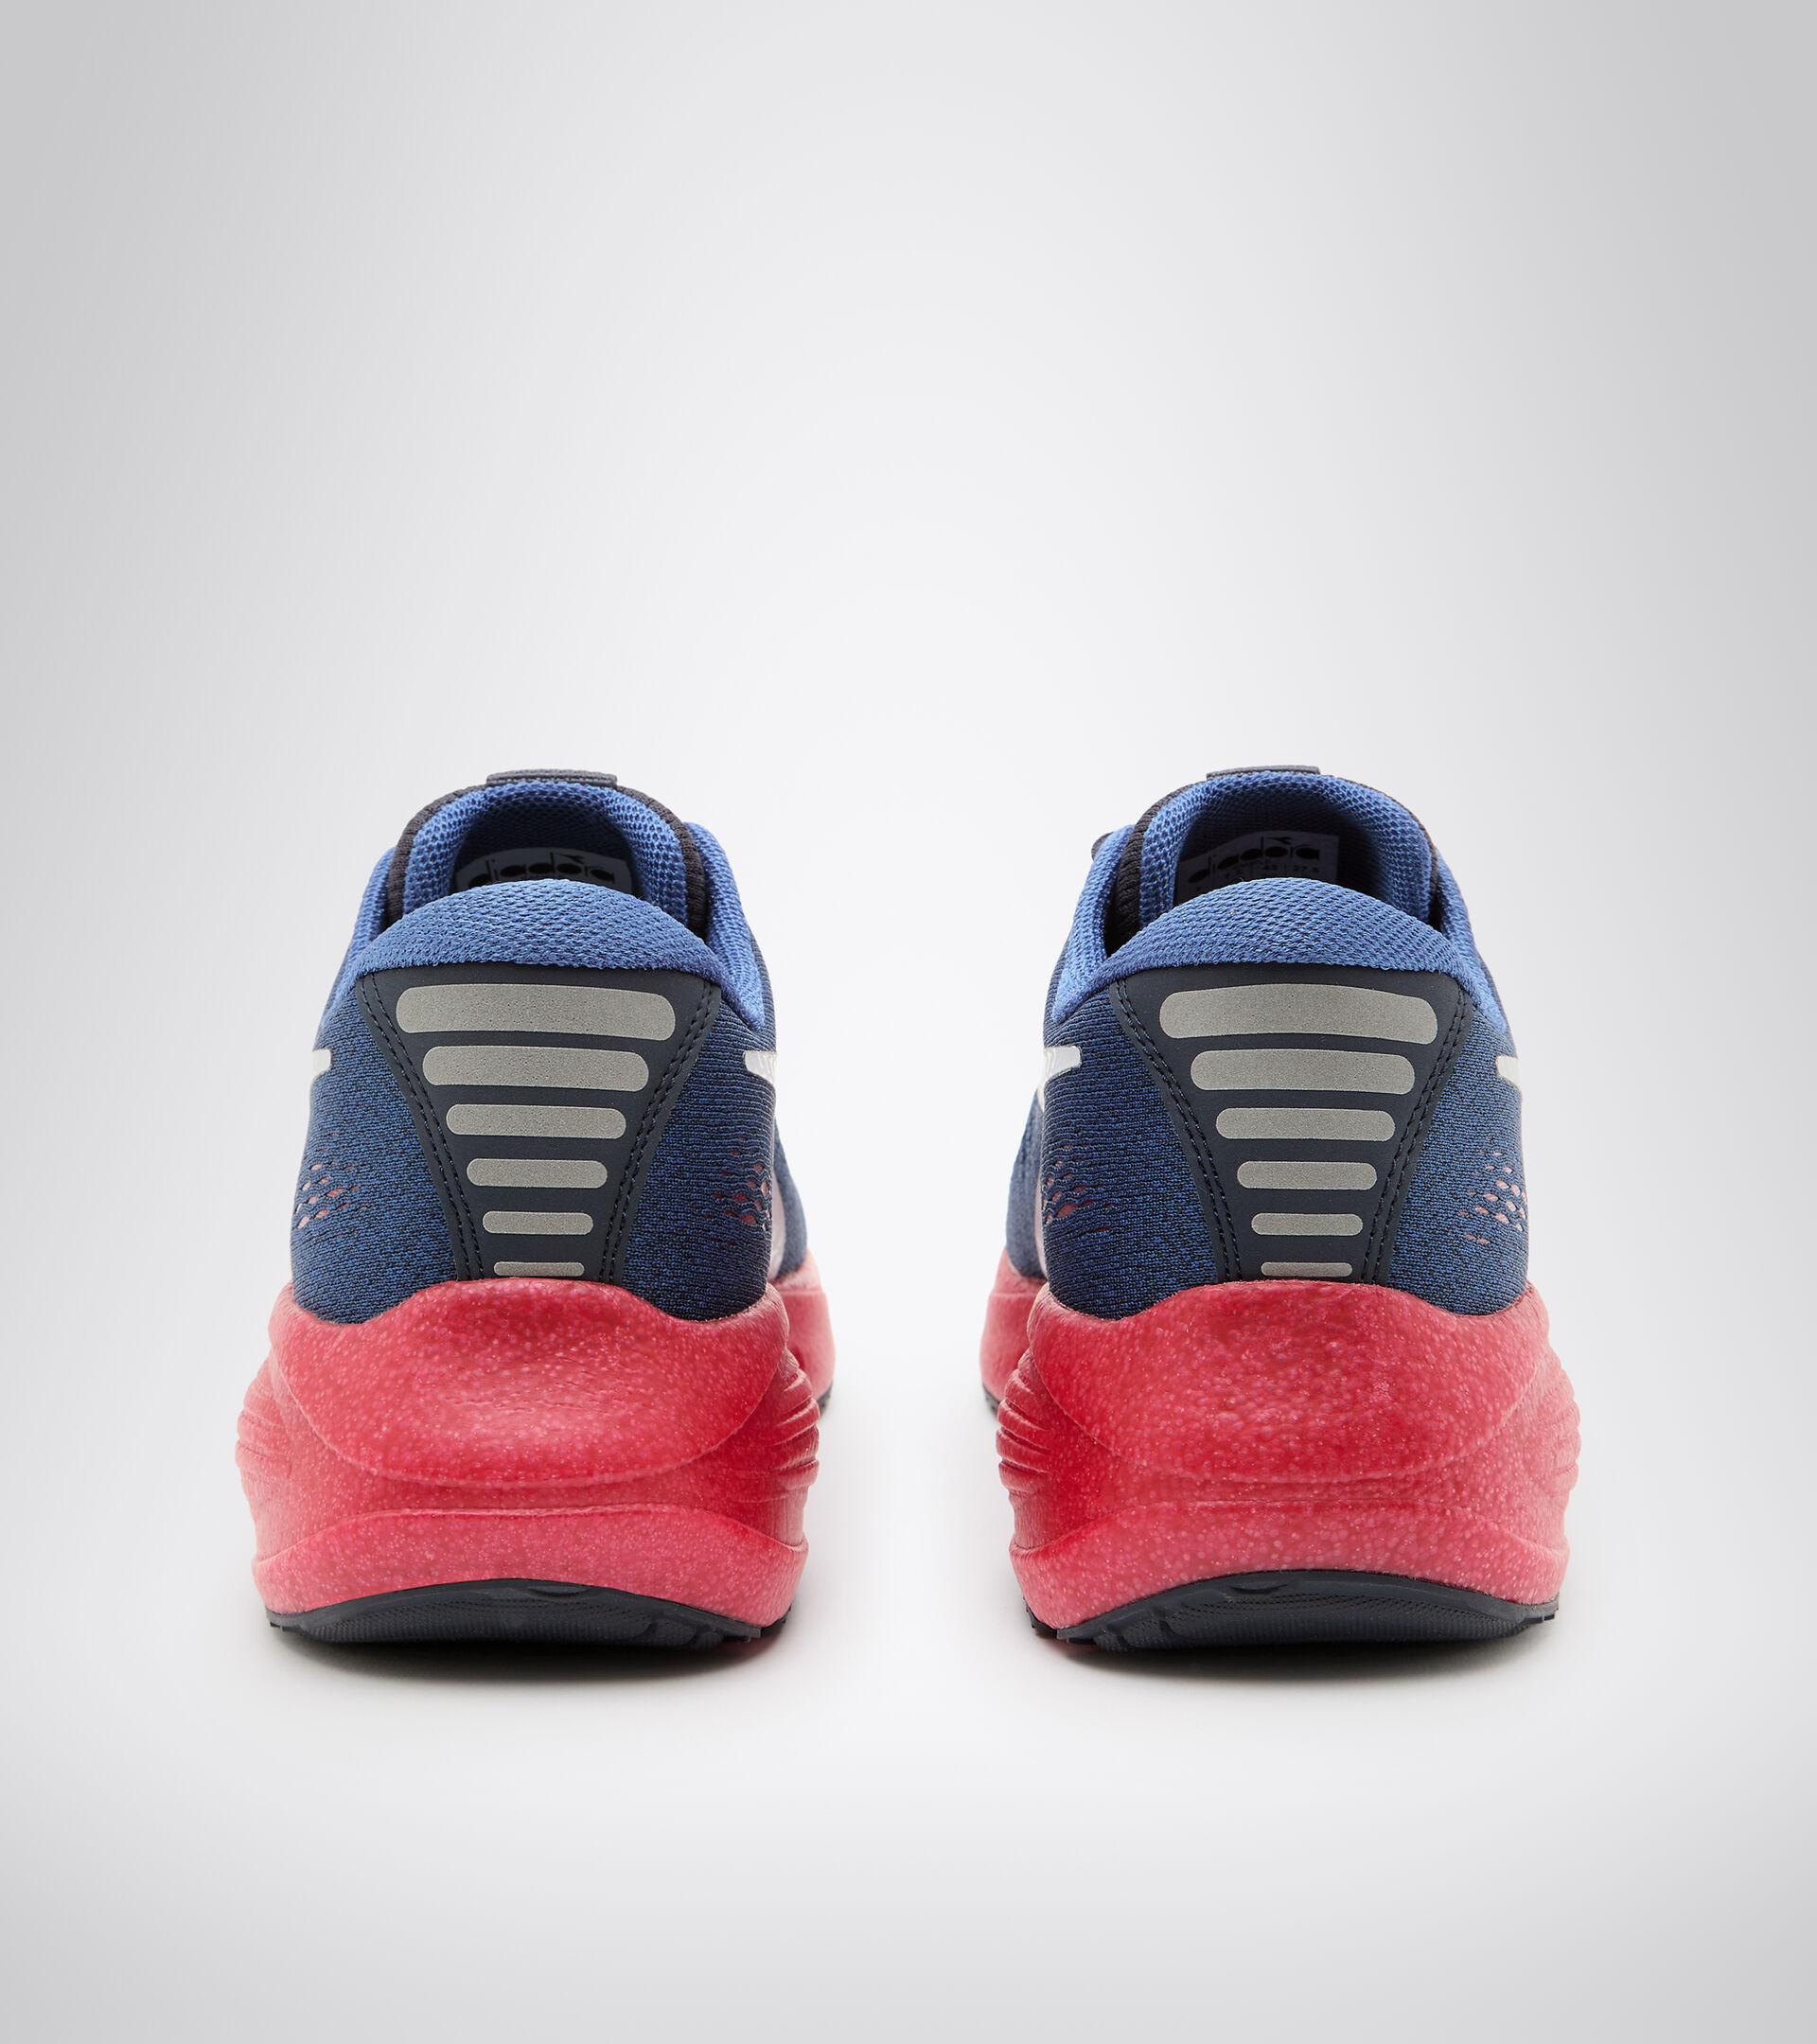 Footwear Sport UOMO FRECCIA AZUL FEDERAL/LIRIO NEGRO/BLCO Diadora